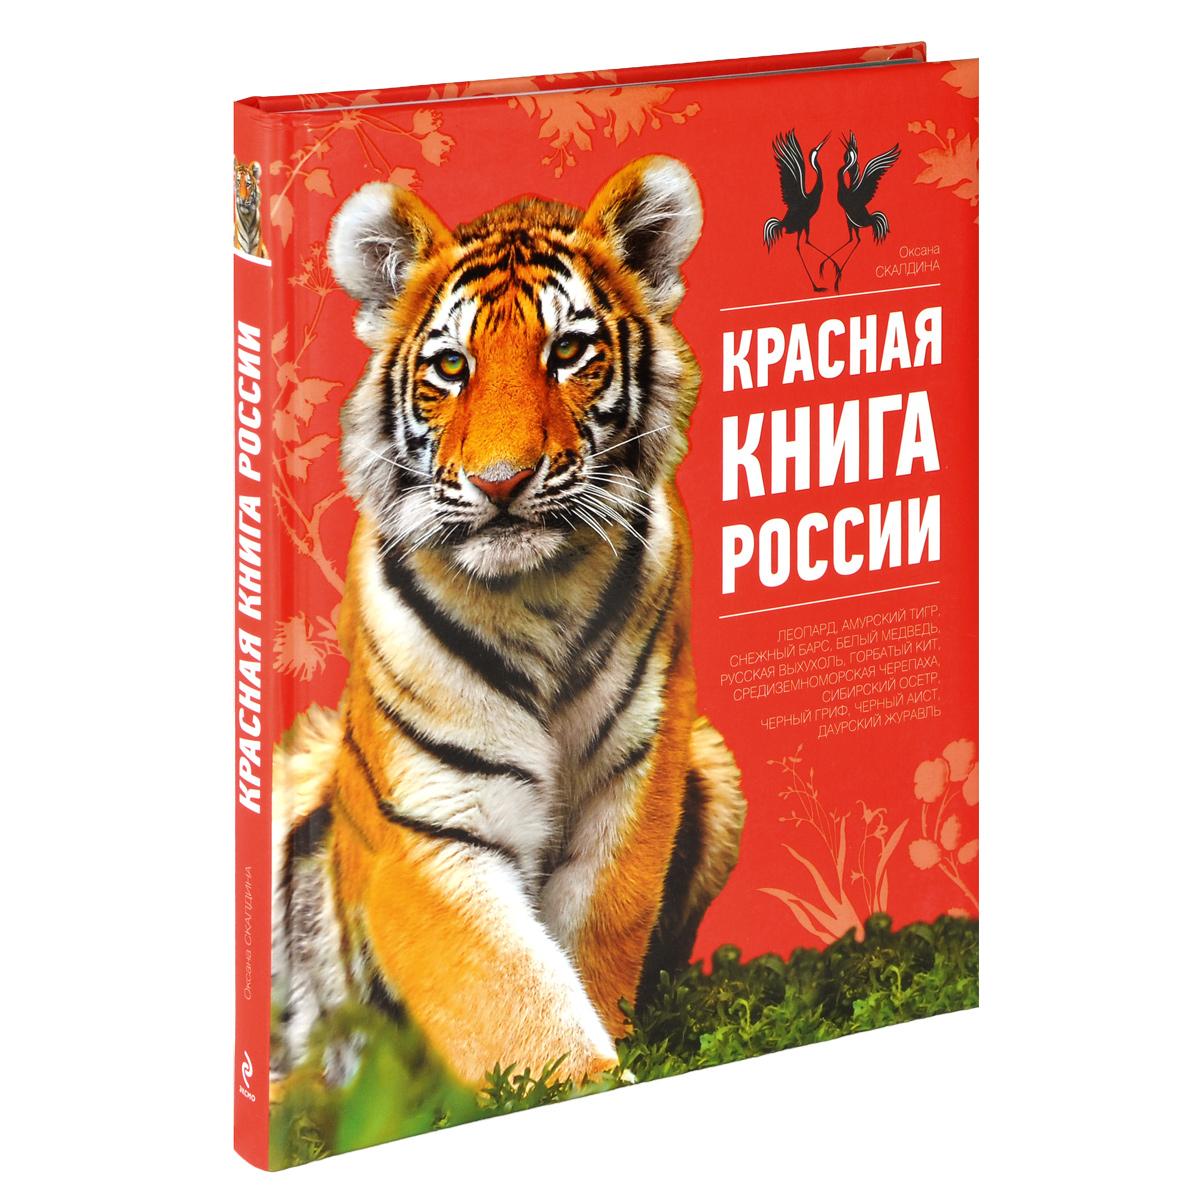 Прикольные картинки красной книги, мартом прикольные смешные